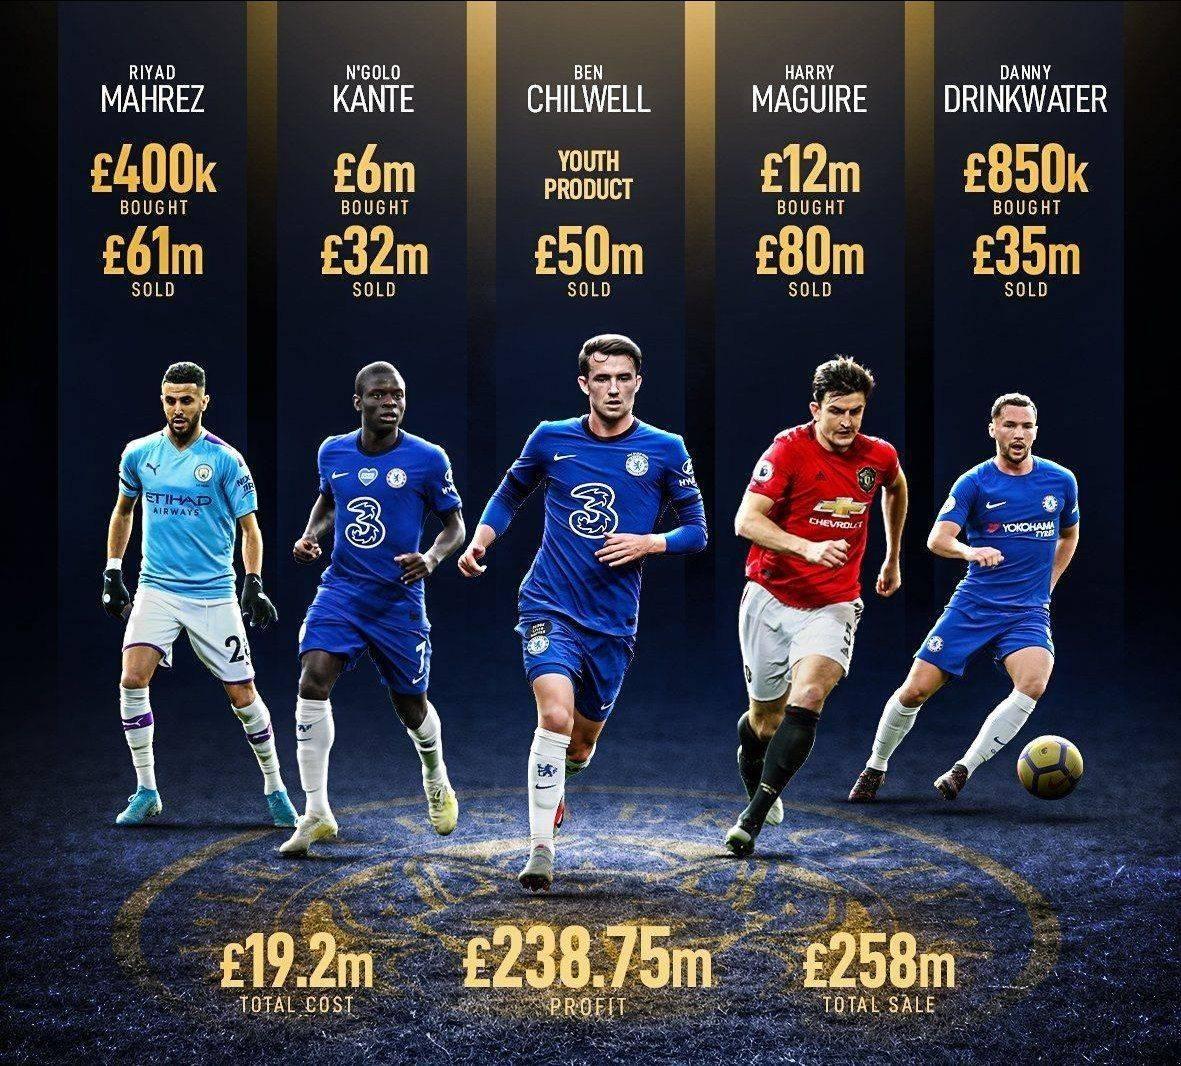 Những ngôi sao như Mahrez, Kante, Chilwell, Maguire, Drinkwater mang lại cho Leicester khoản lợi nhuận 366,6 triệu USD.